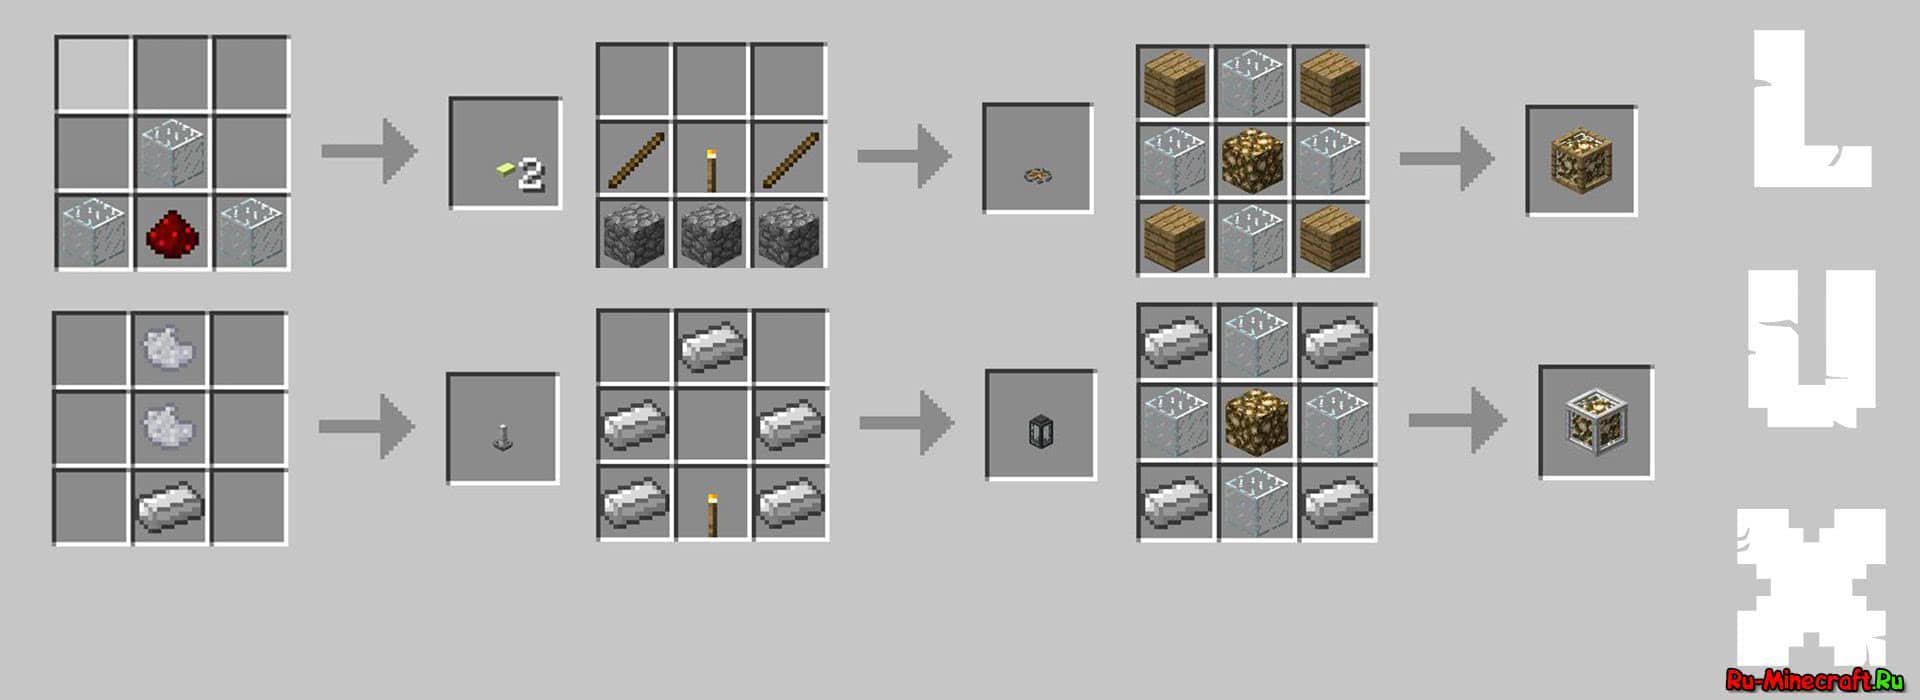 Как сделать  лава лампа96